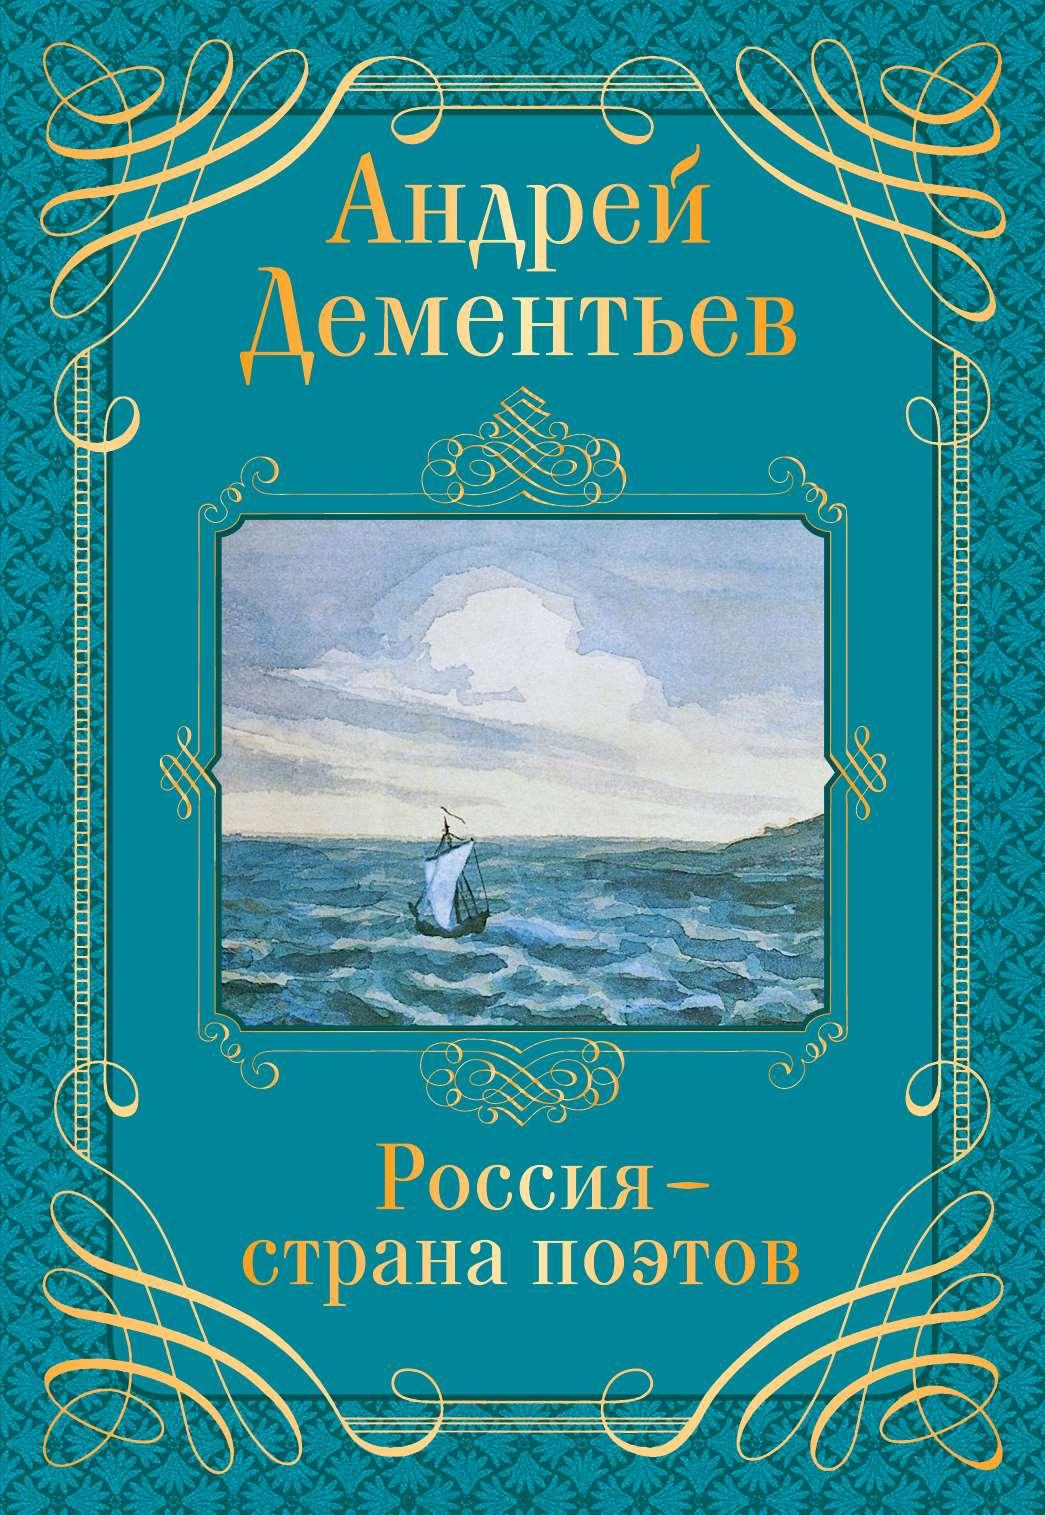 Андрей Дементьев Россия – страна поэтов валерий дементьев исповедь земли